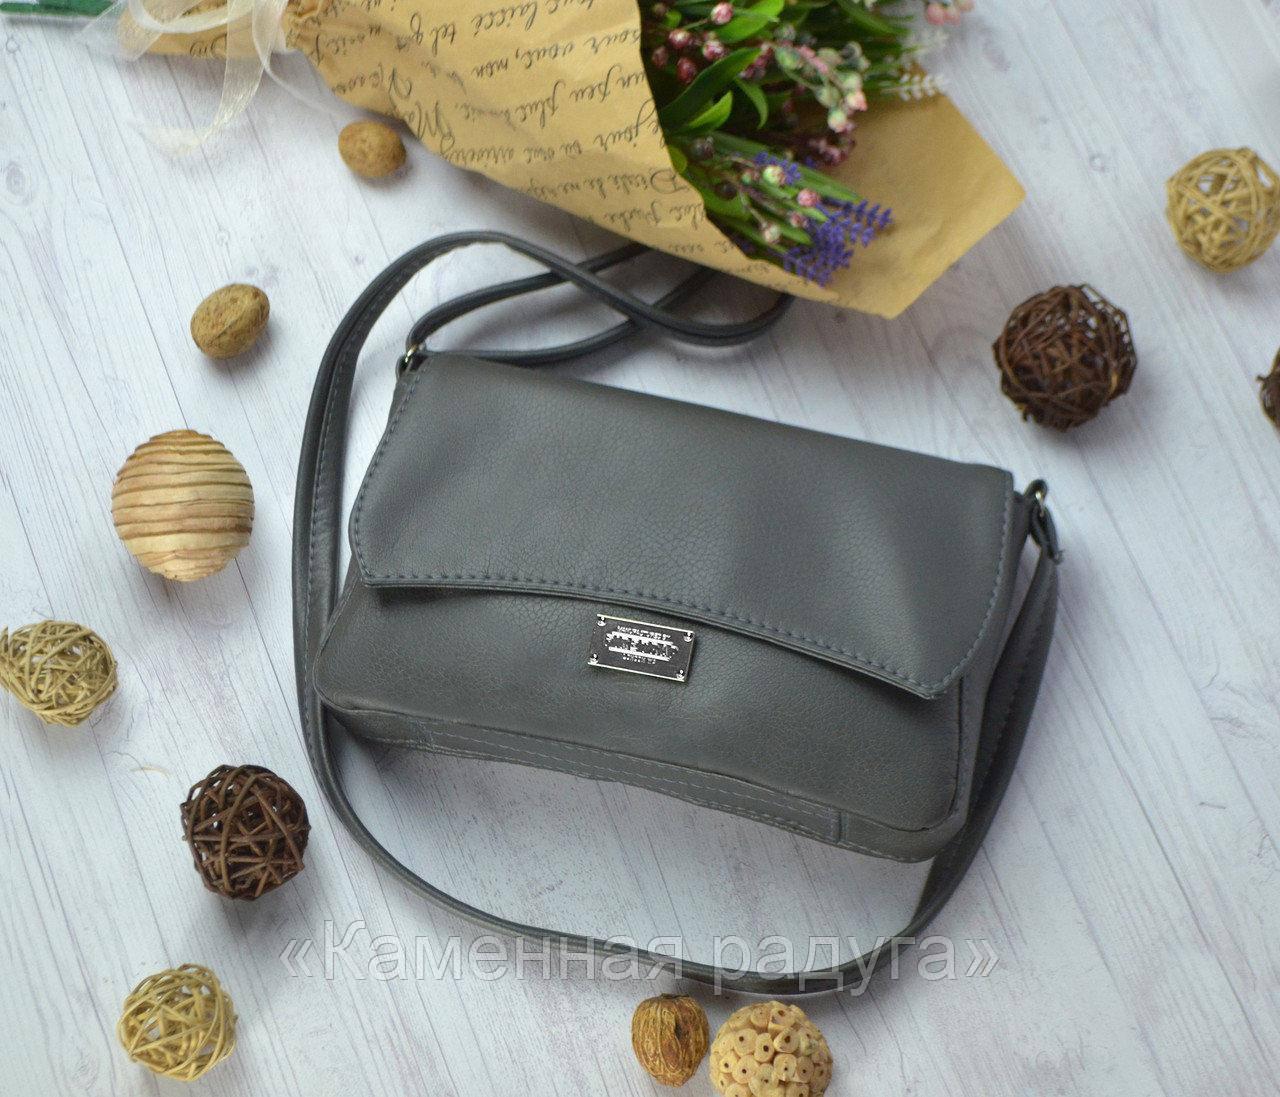 Маленькая тёмно-серая сумочка